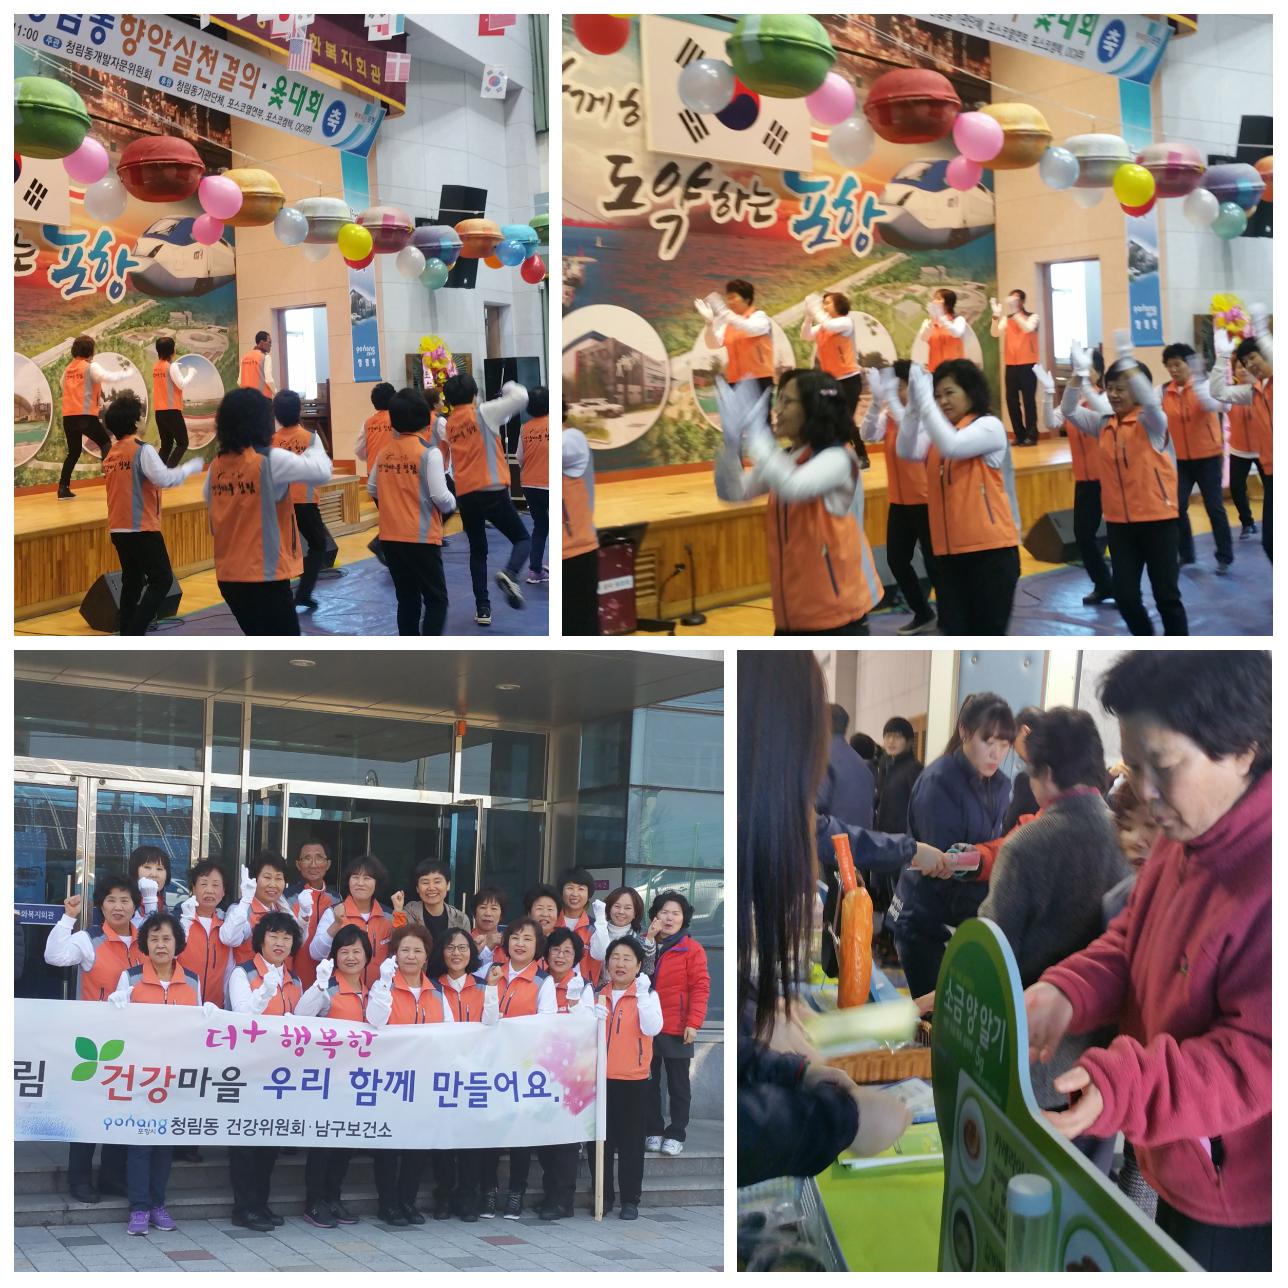 청림동 향약 실천 결의대회 행사 참여